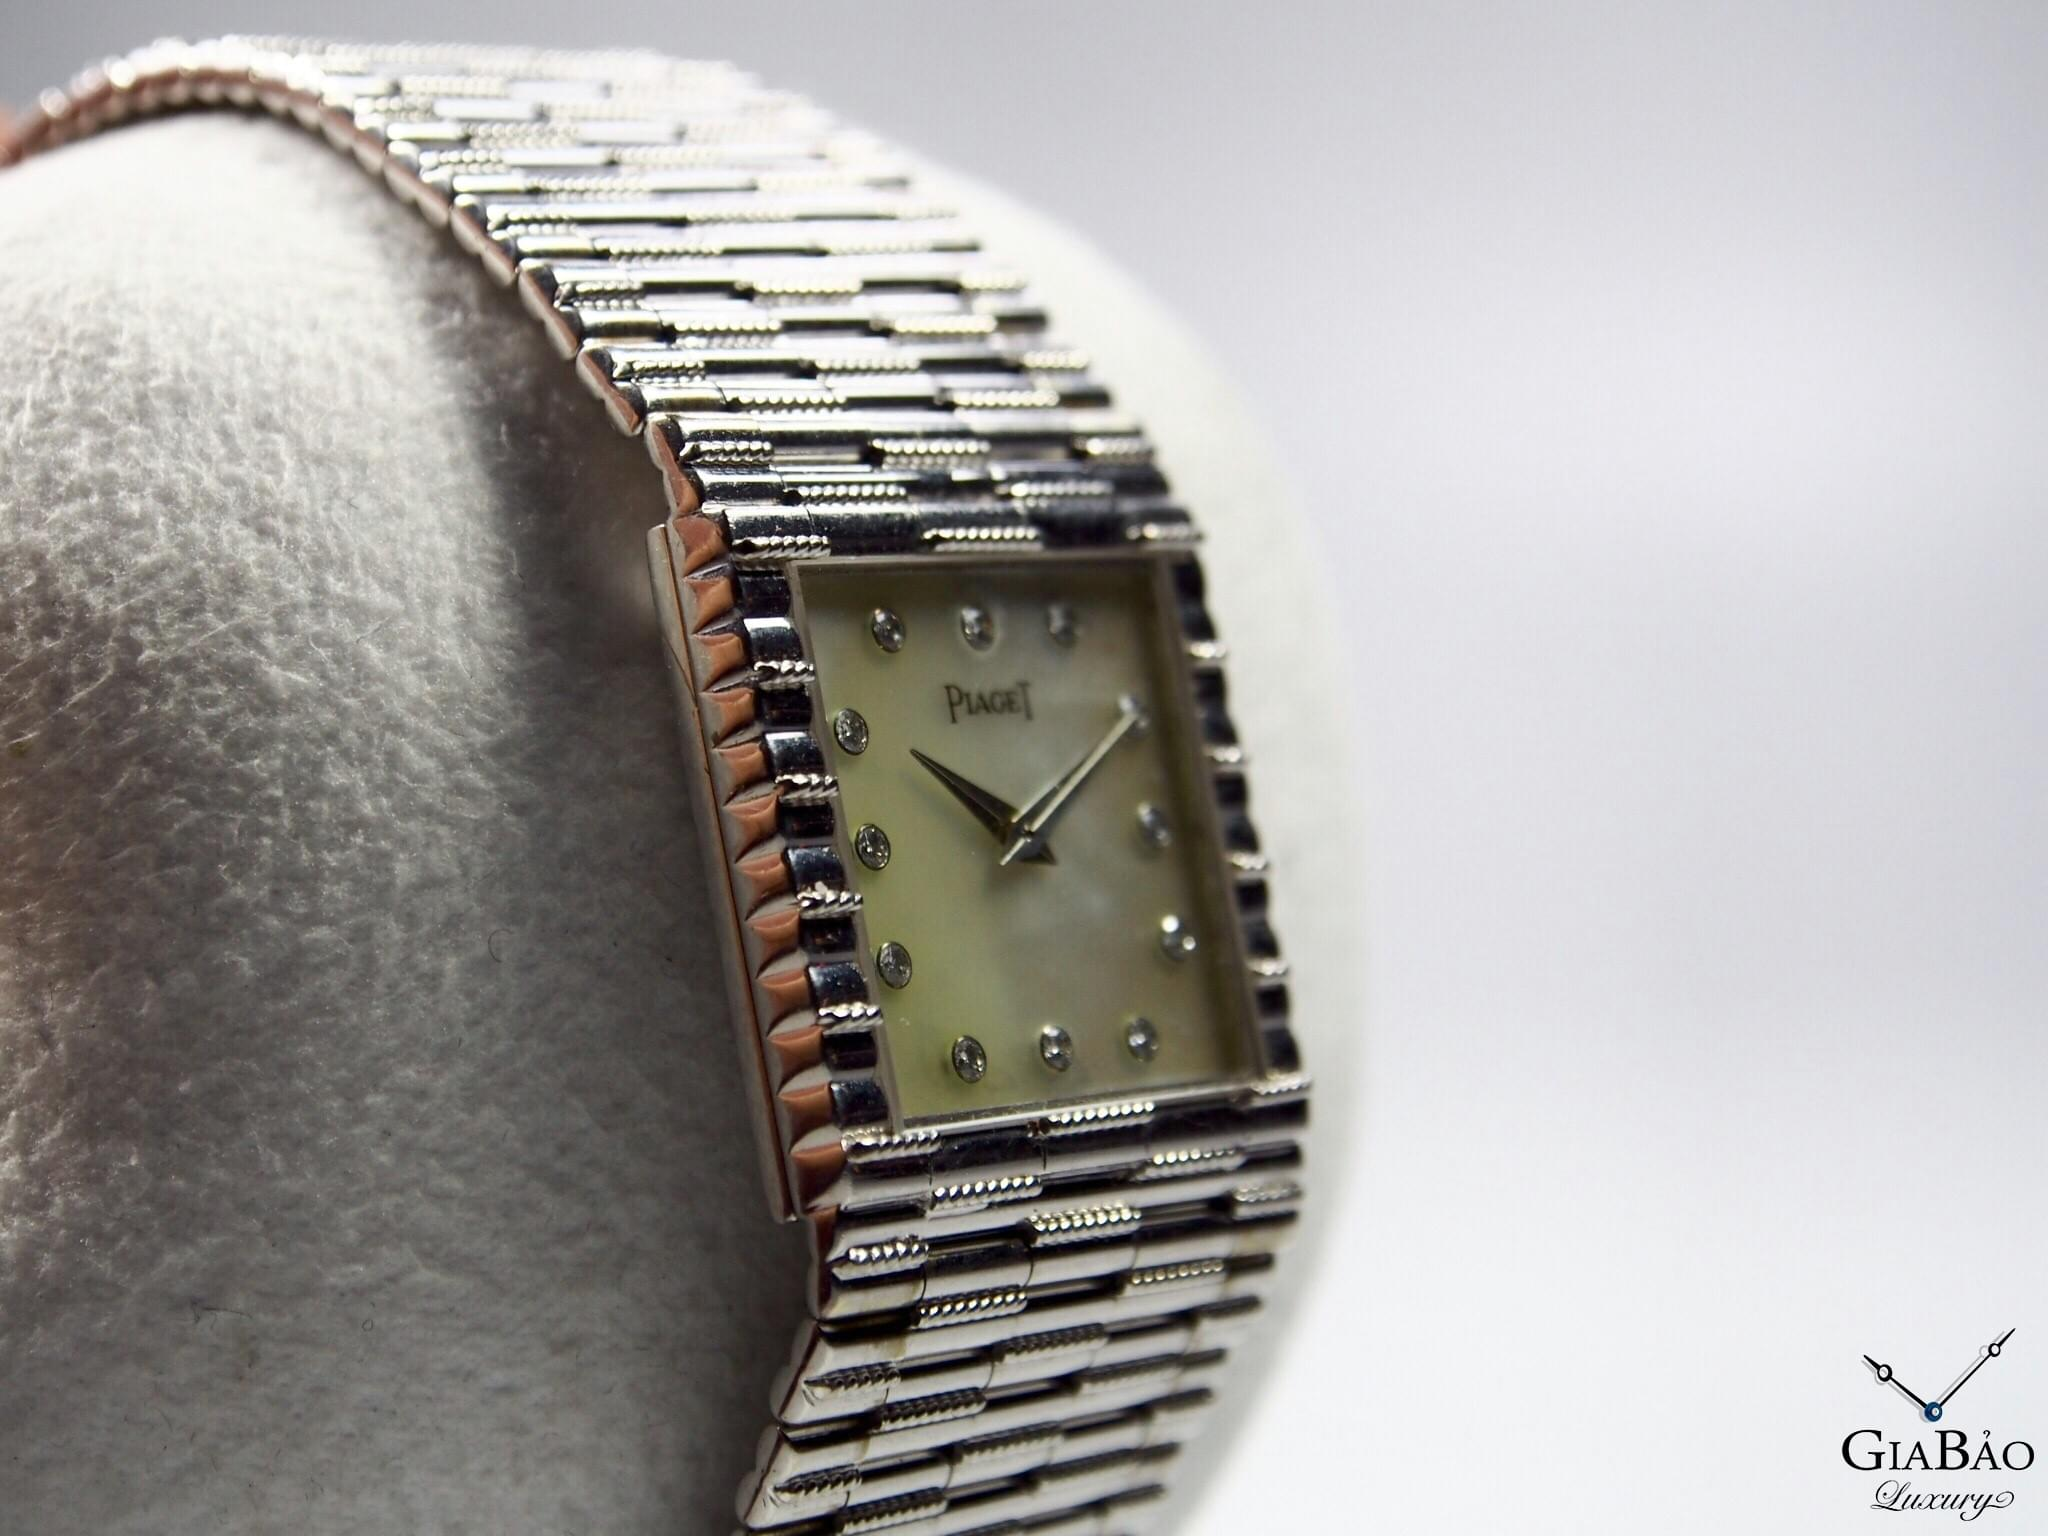 Đồng hồ Piaget Ref.9131 G2